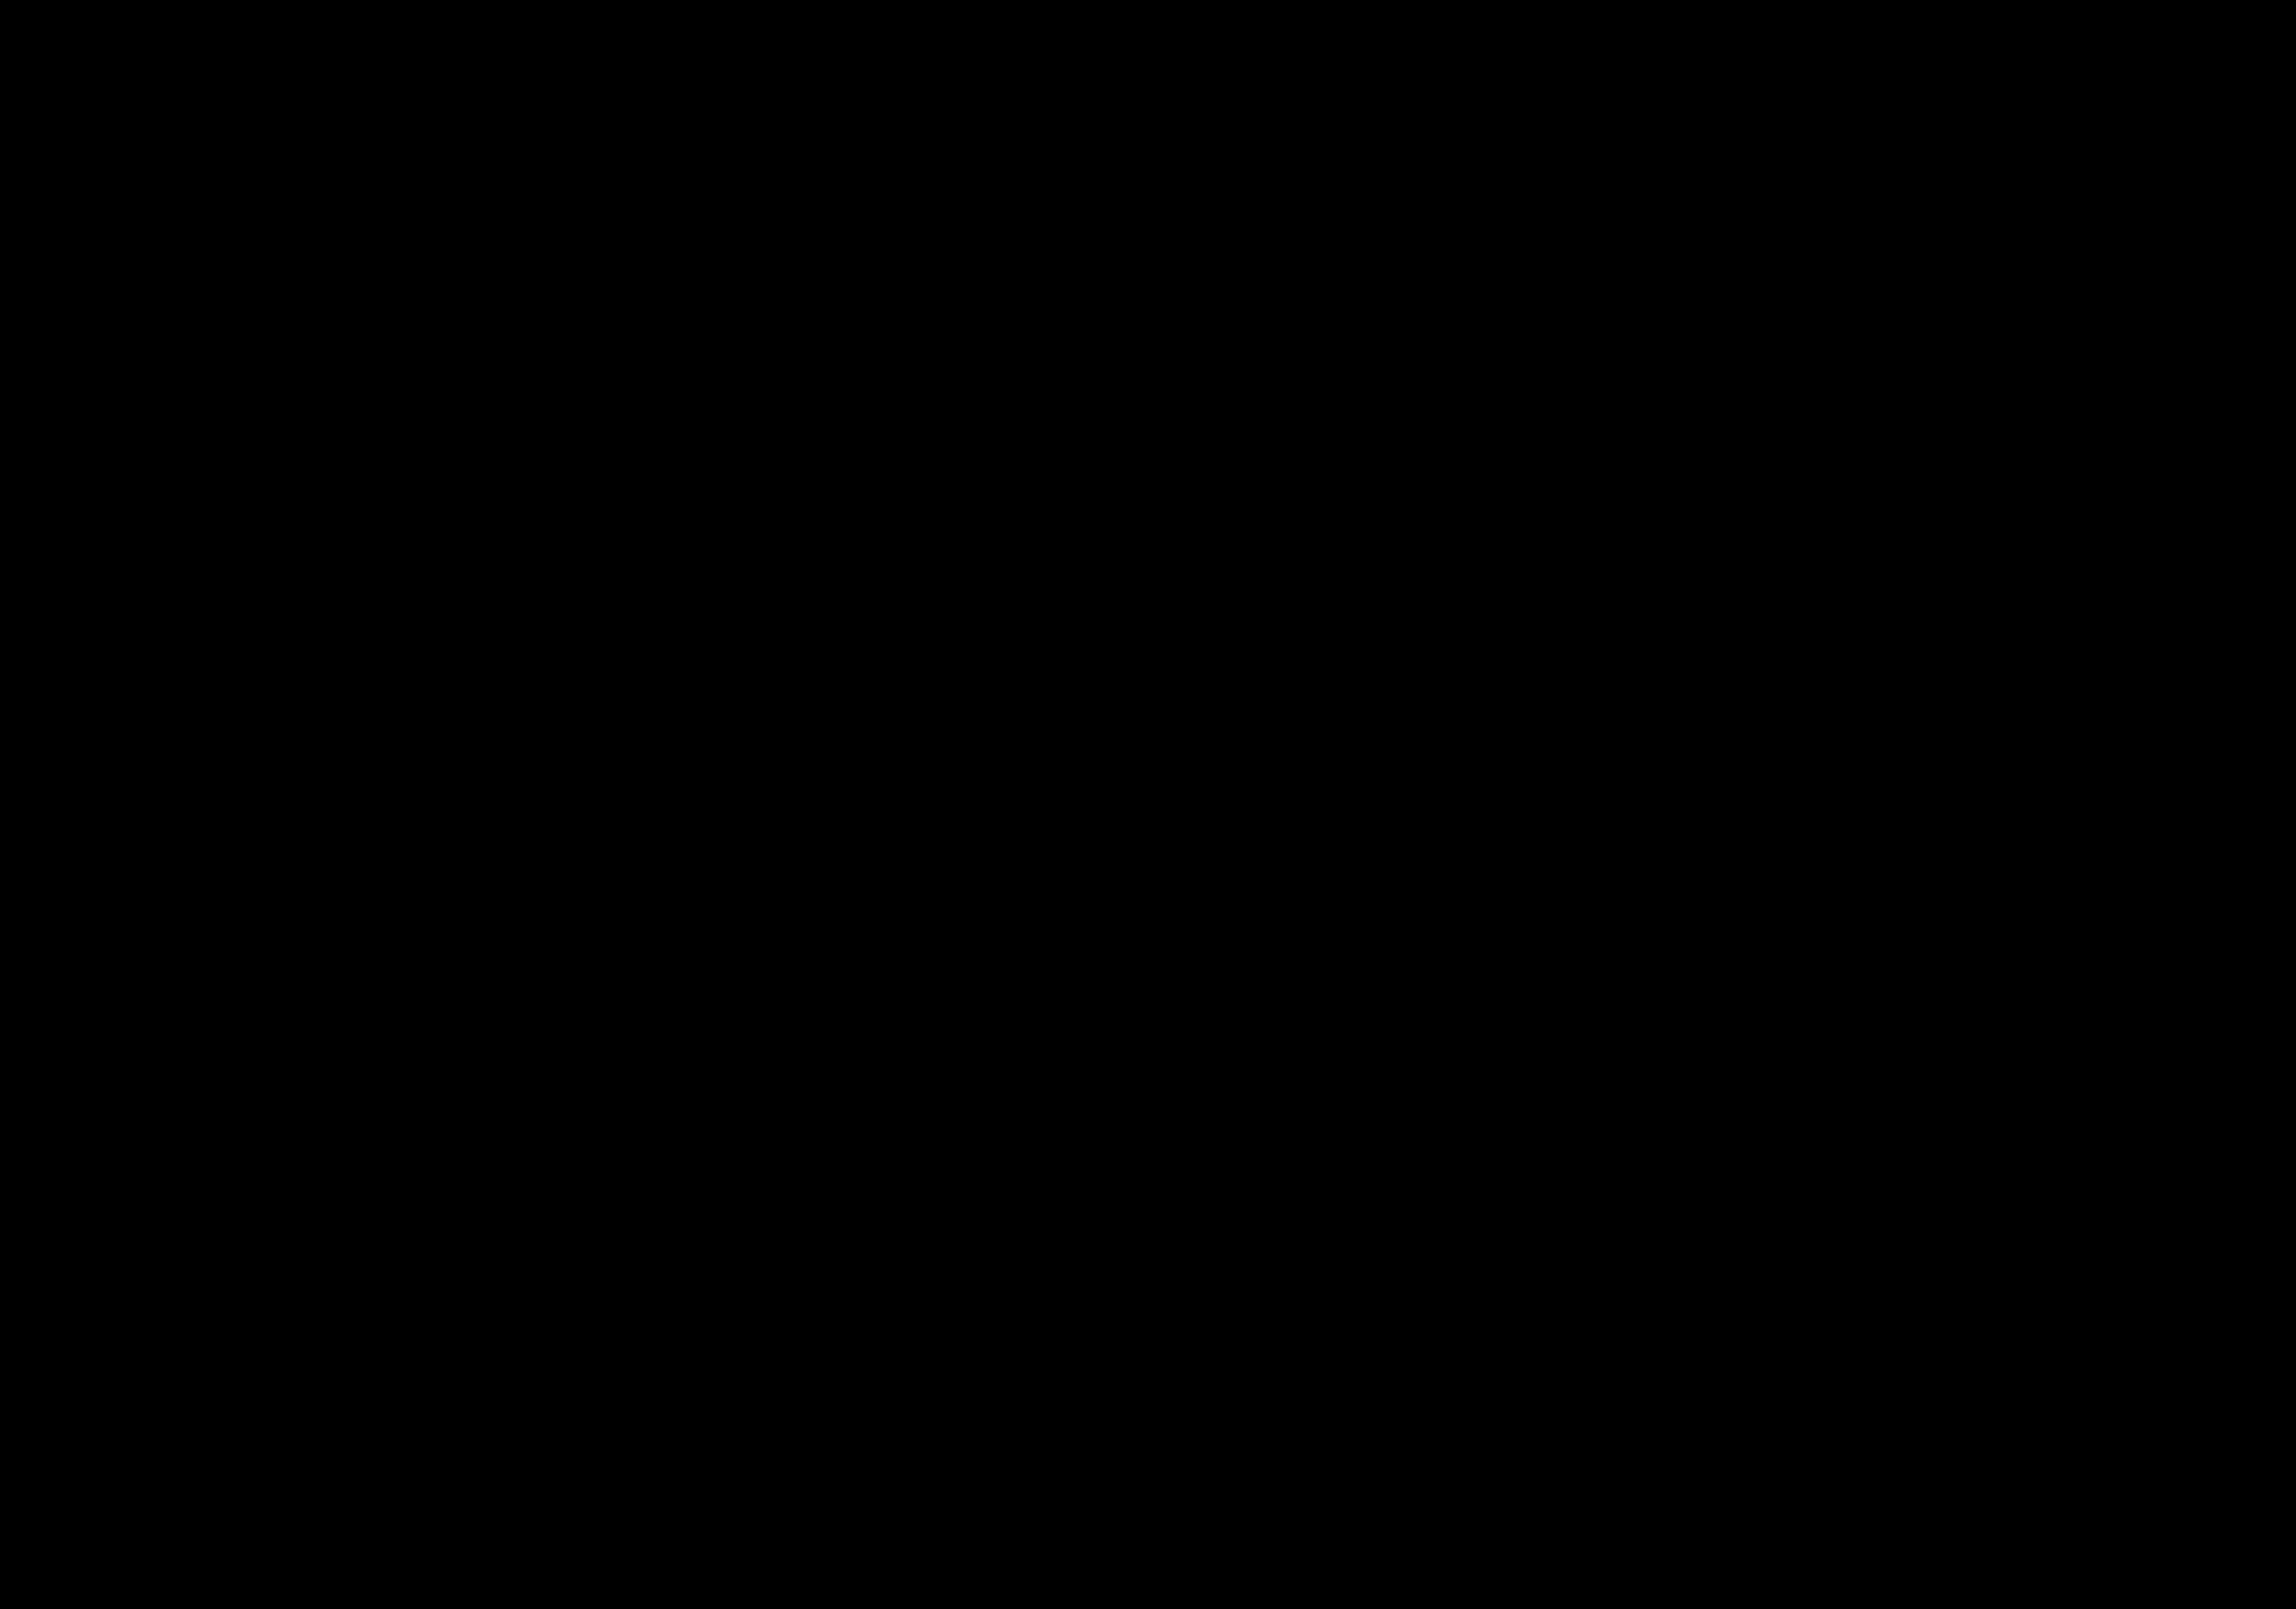 Filepalais de bourbon plan au rez de chaussée architecture françoise